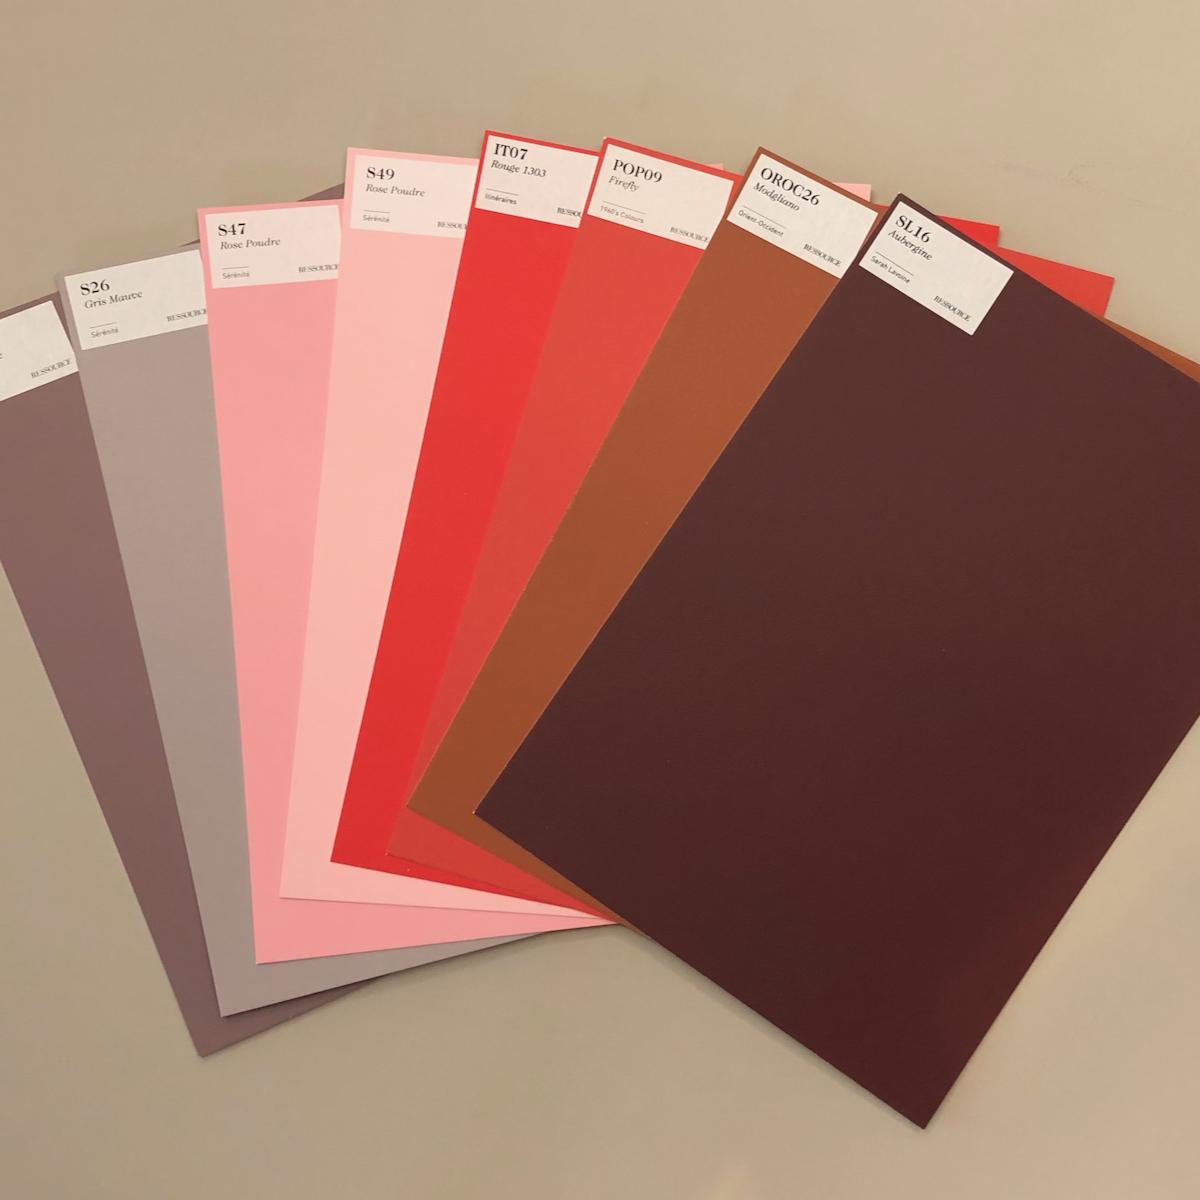 Ressource DIN A4 Muster aus der Farbkarte